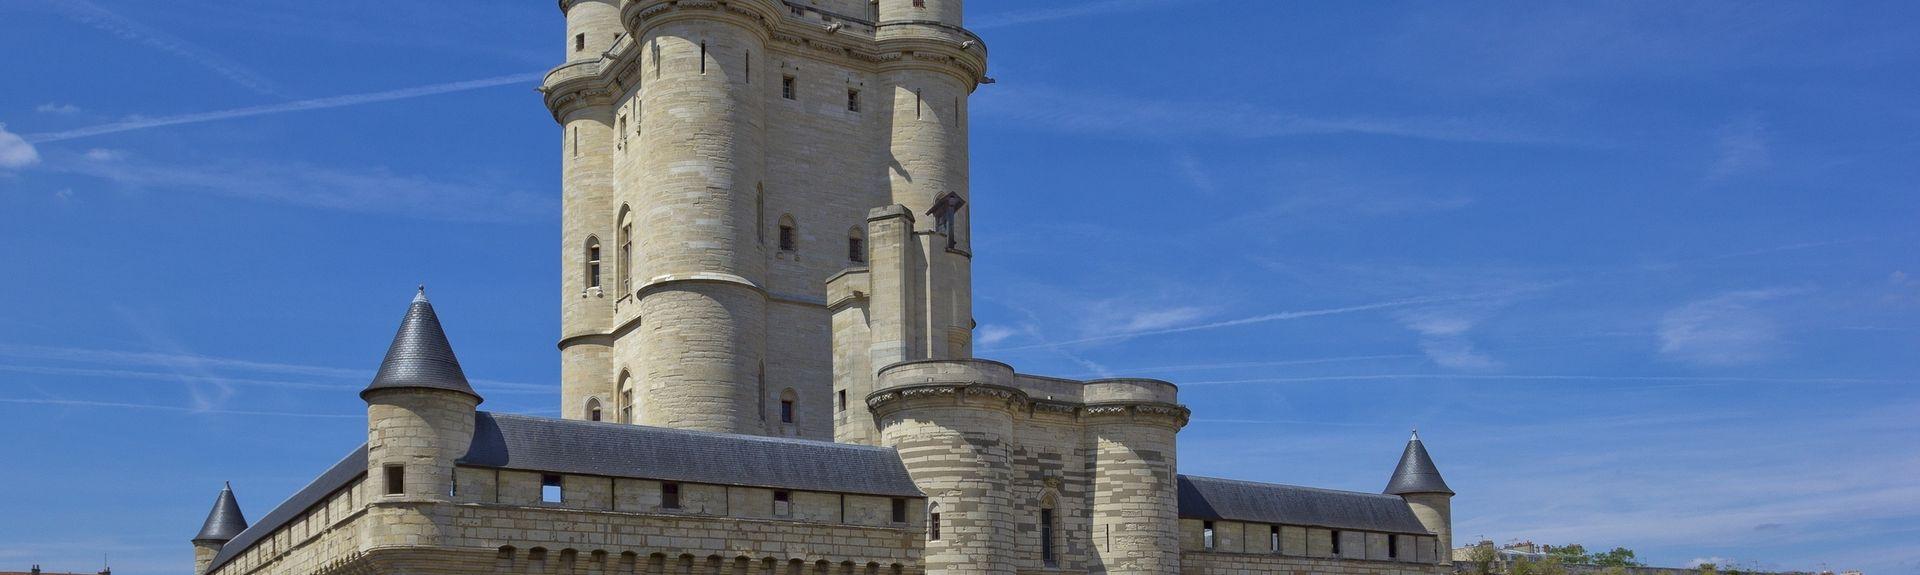 Vincennes, Ile-de-France, France